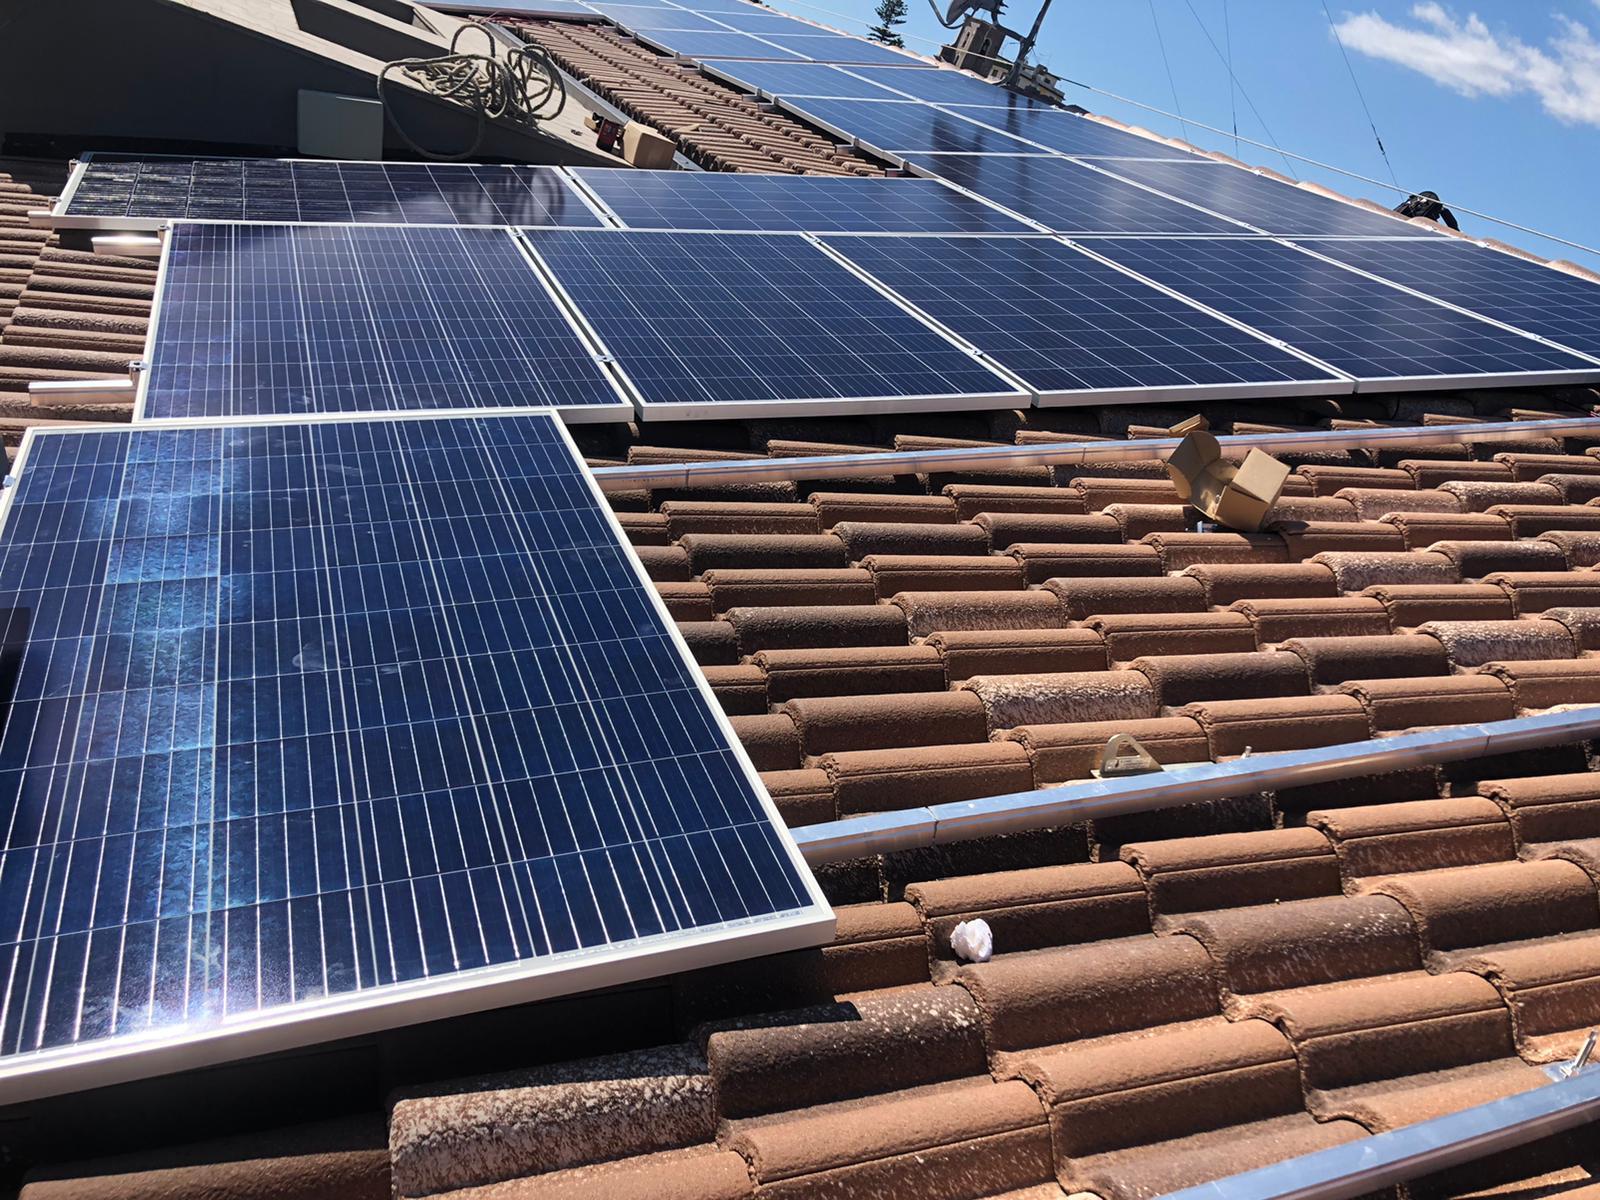 fotovoltaico su tutto il tetto